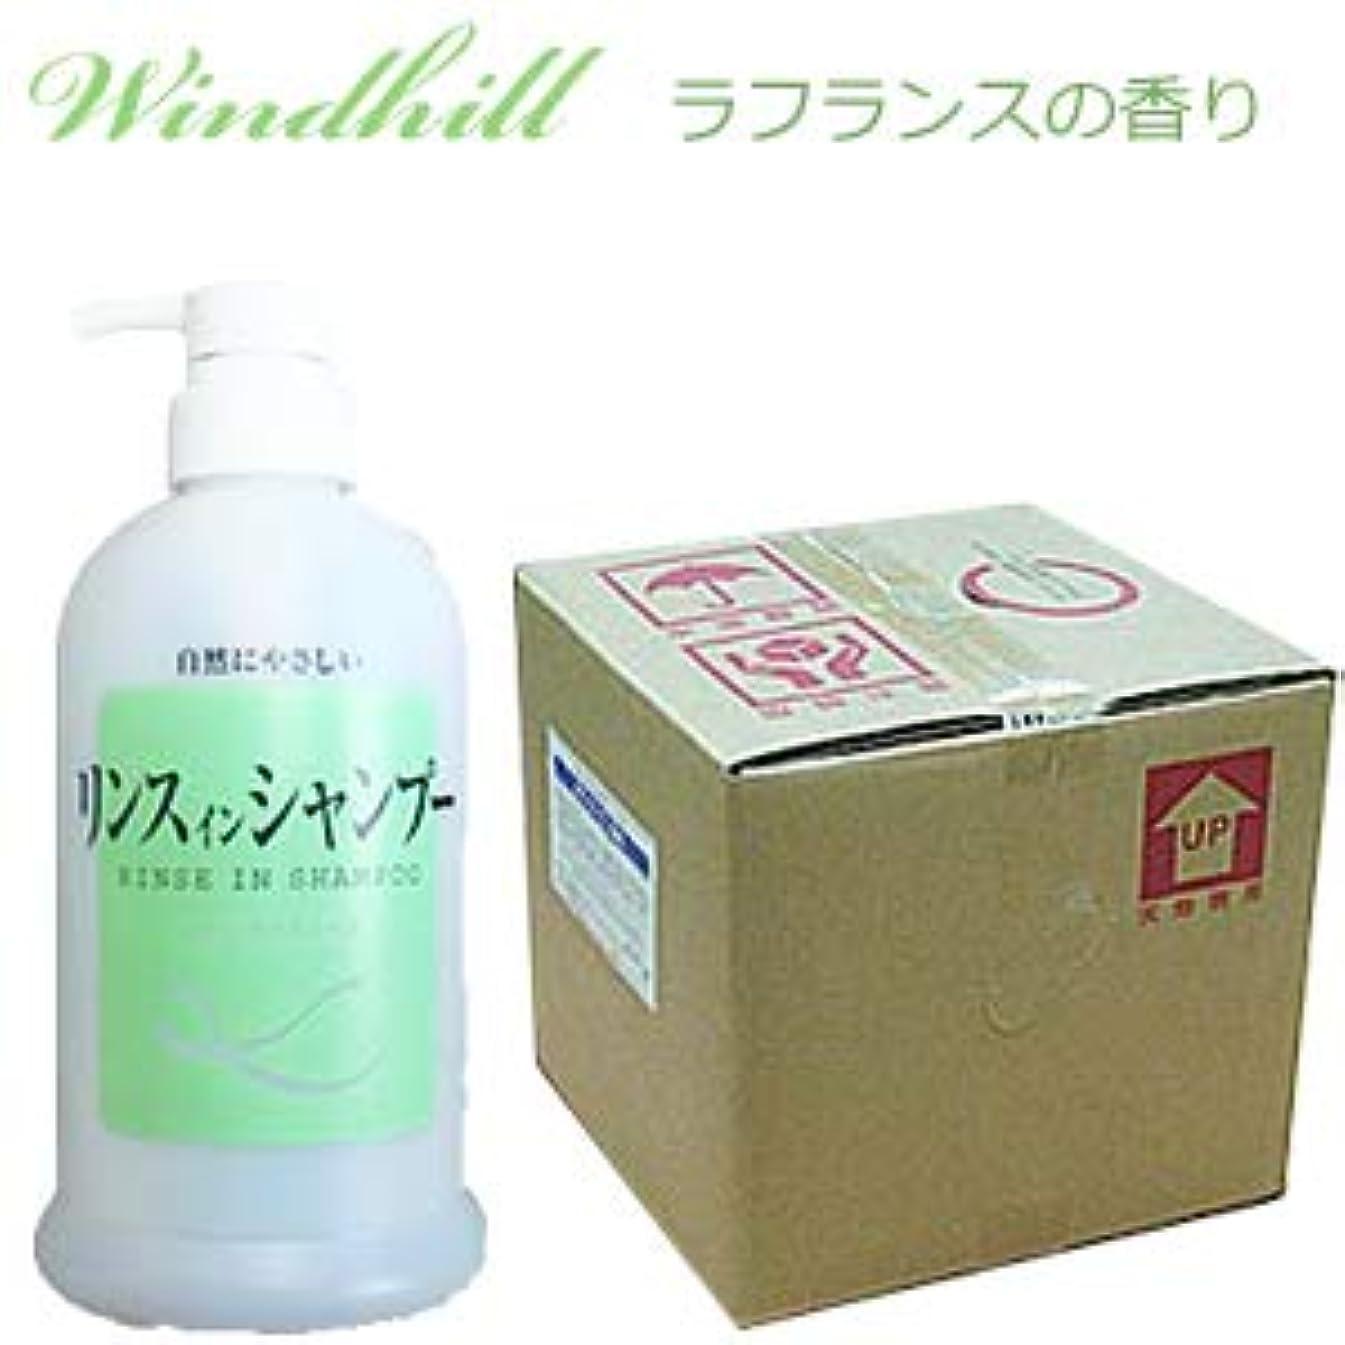 小説家今促進する500ml当り173円 Windhill 植物性 業務用 リンスイン シャンプー 爽やかなラフランスの香り 20L